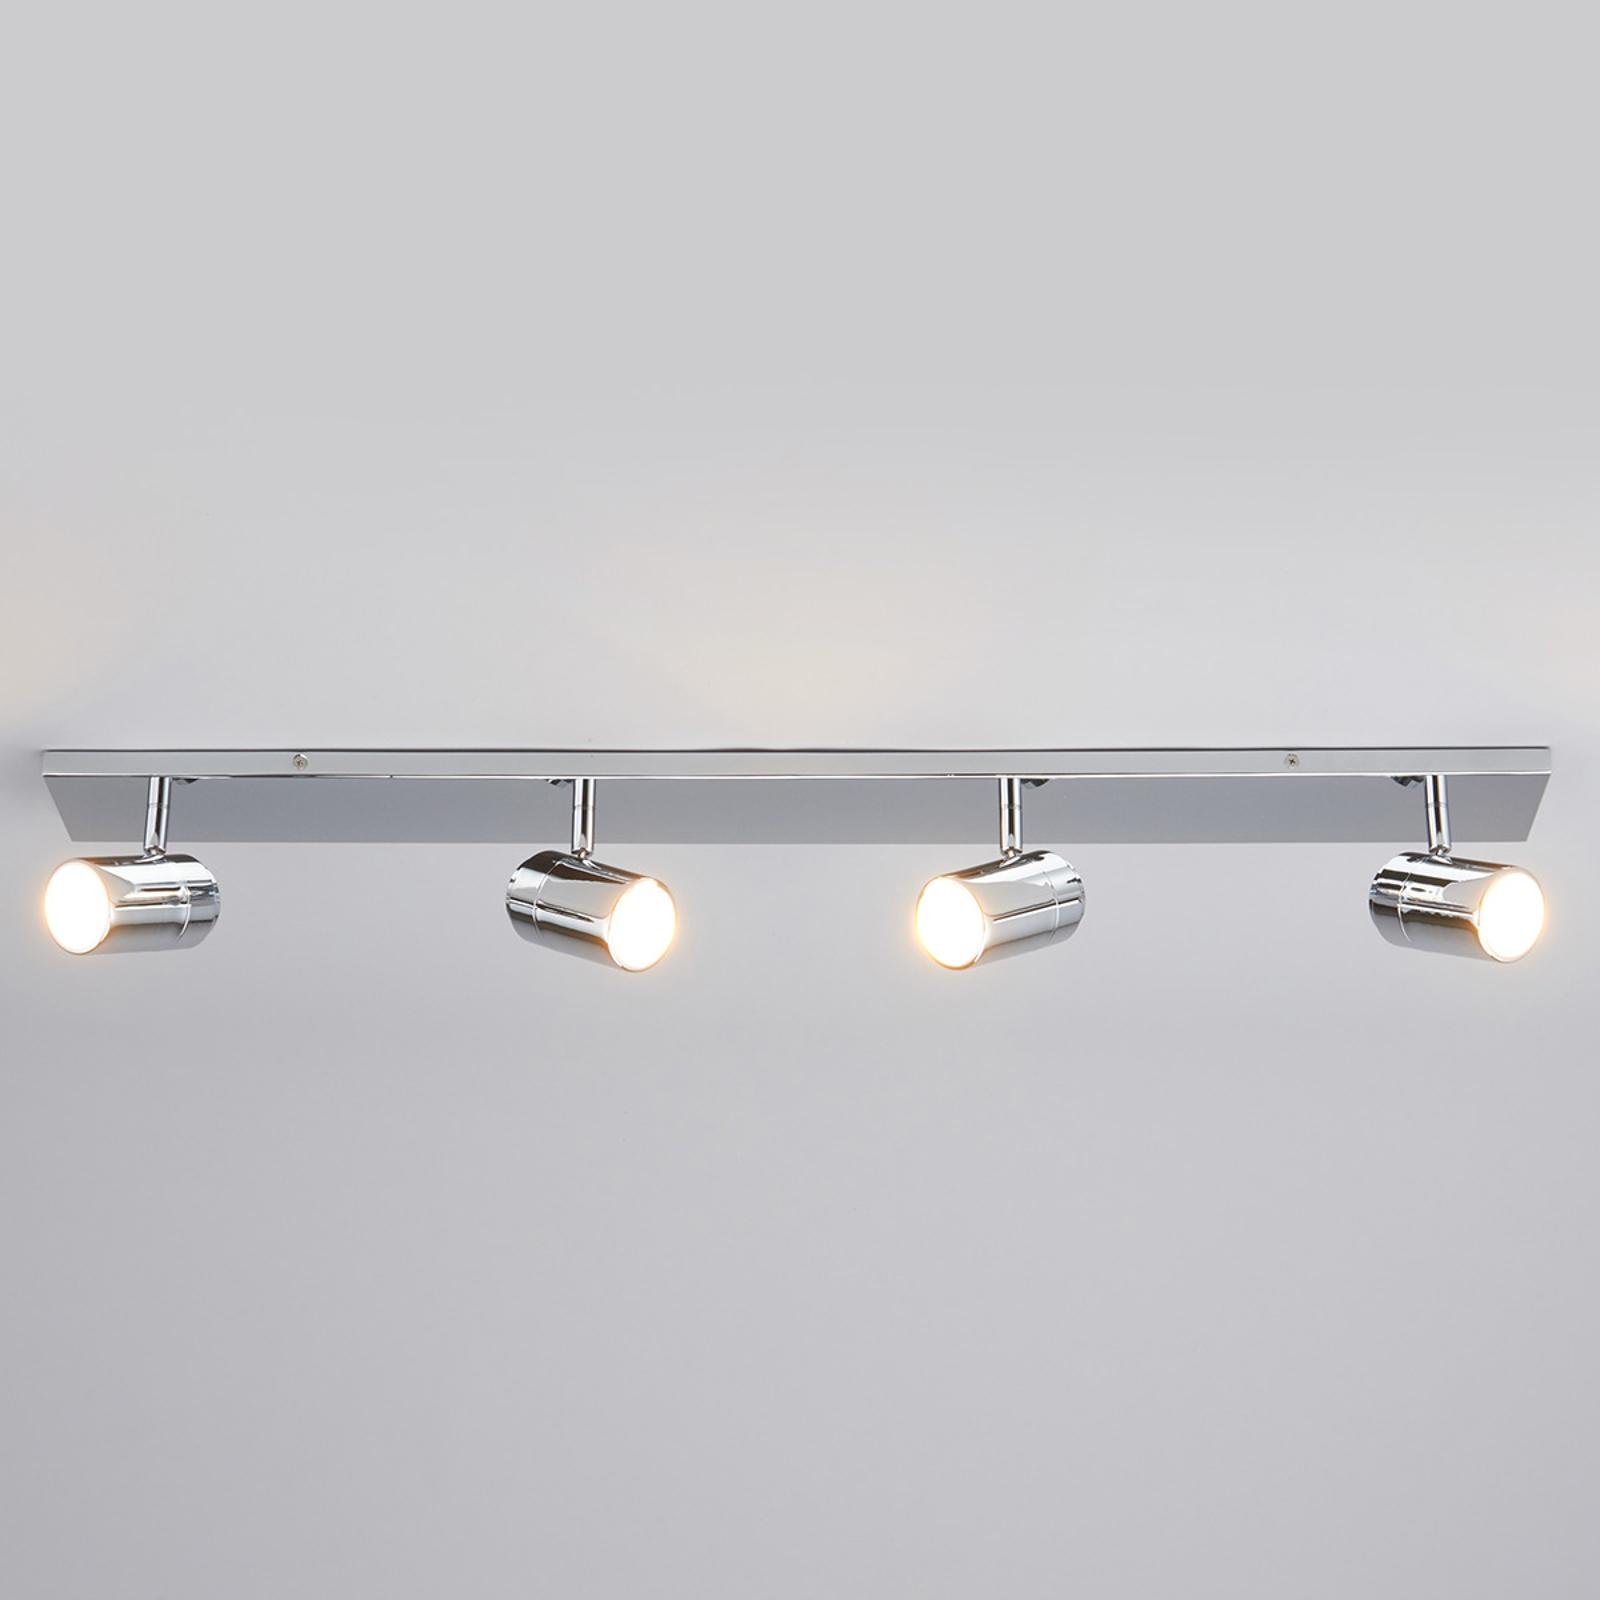 Lampada da soffitto per bagno Dejan a 4 luci